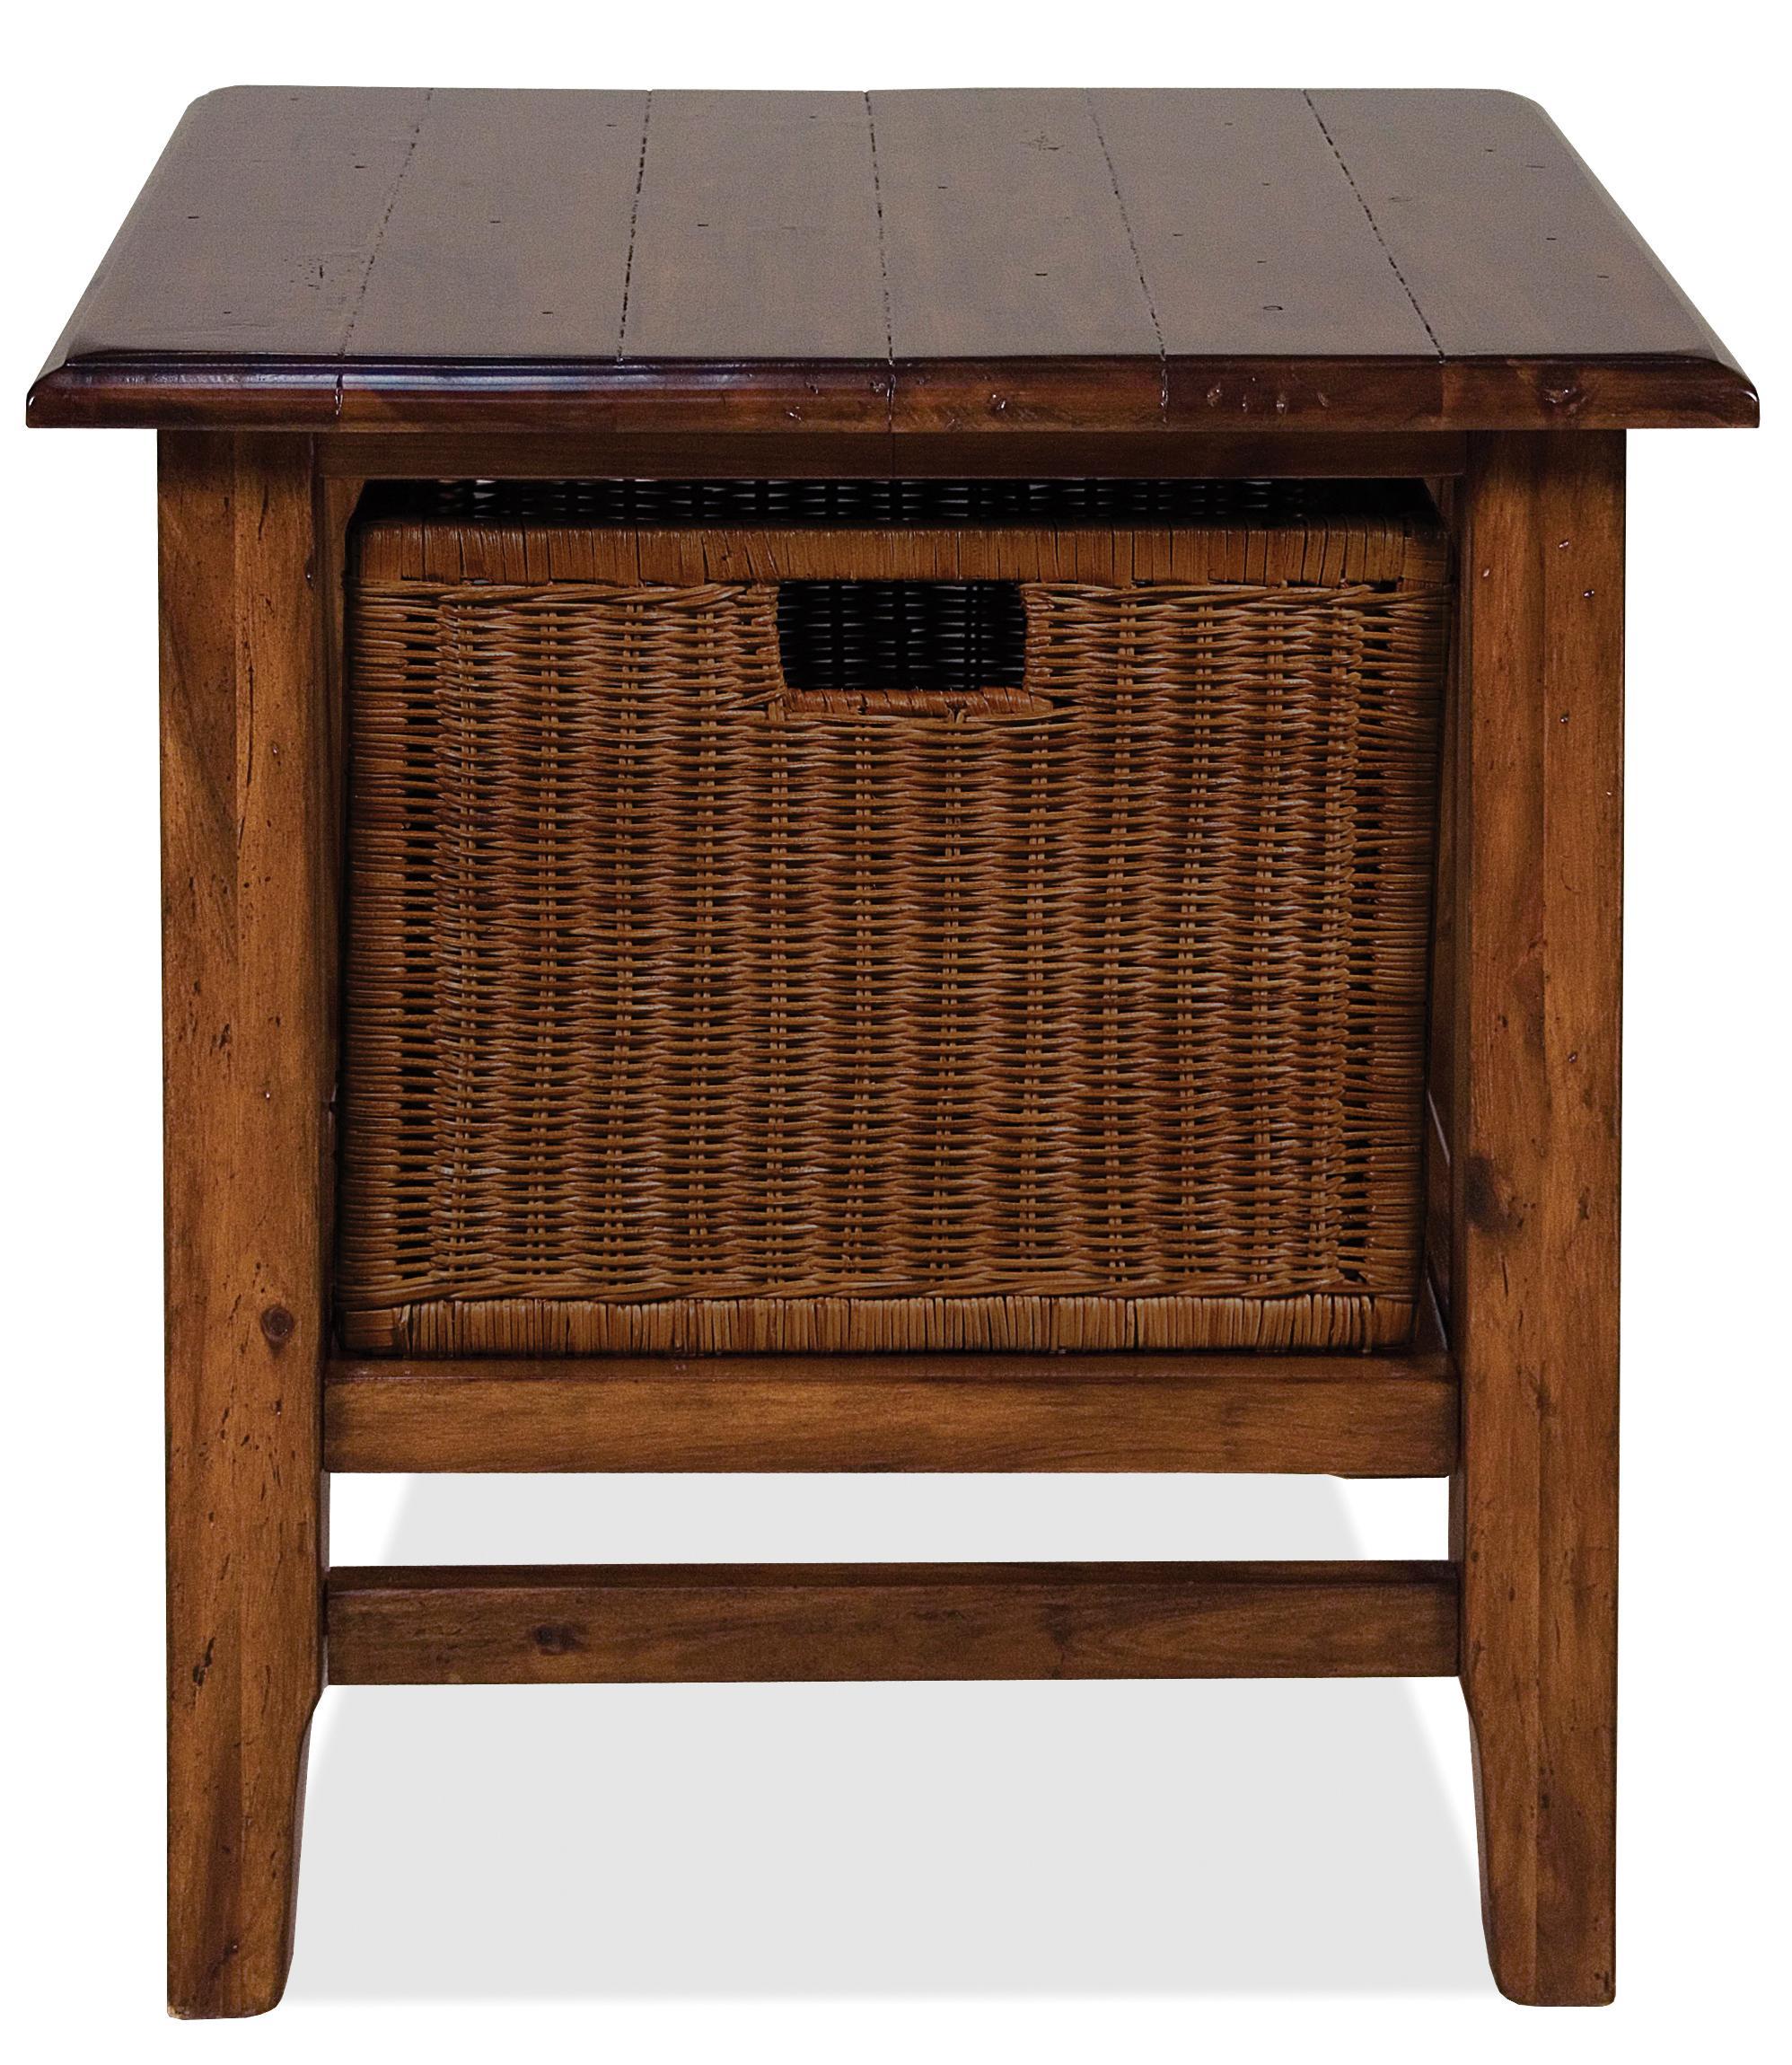 Riverside Furniture Claremont  Rectangular End Table - Item Number: 79509